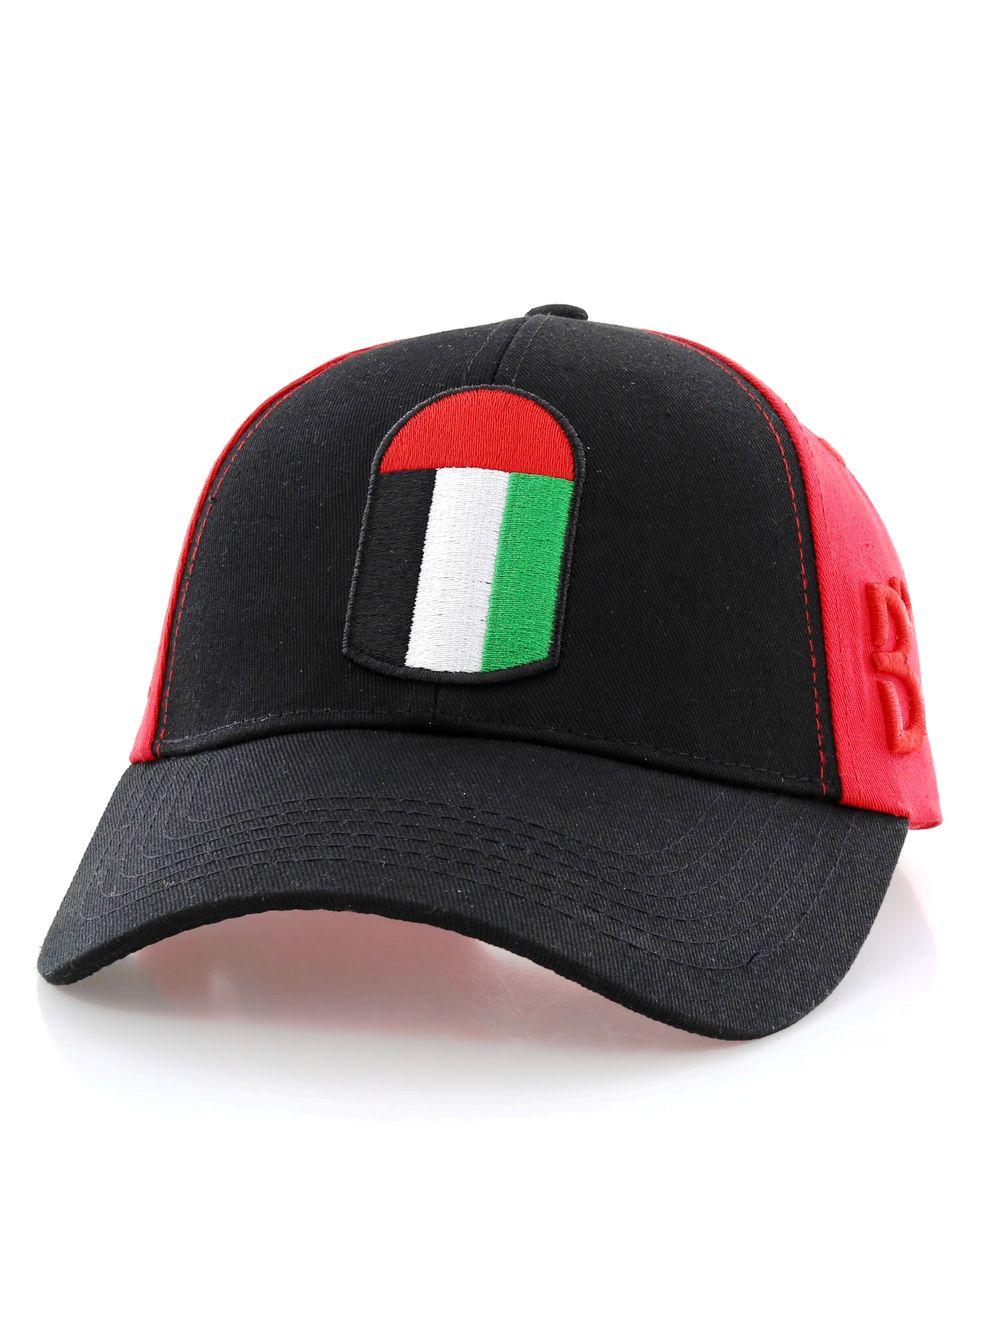 B360 B Proud Uae Unisex Cap Red/Black